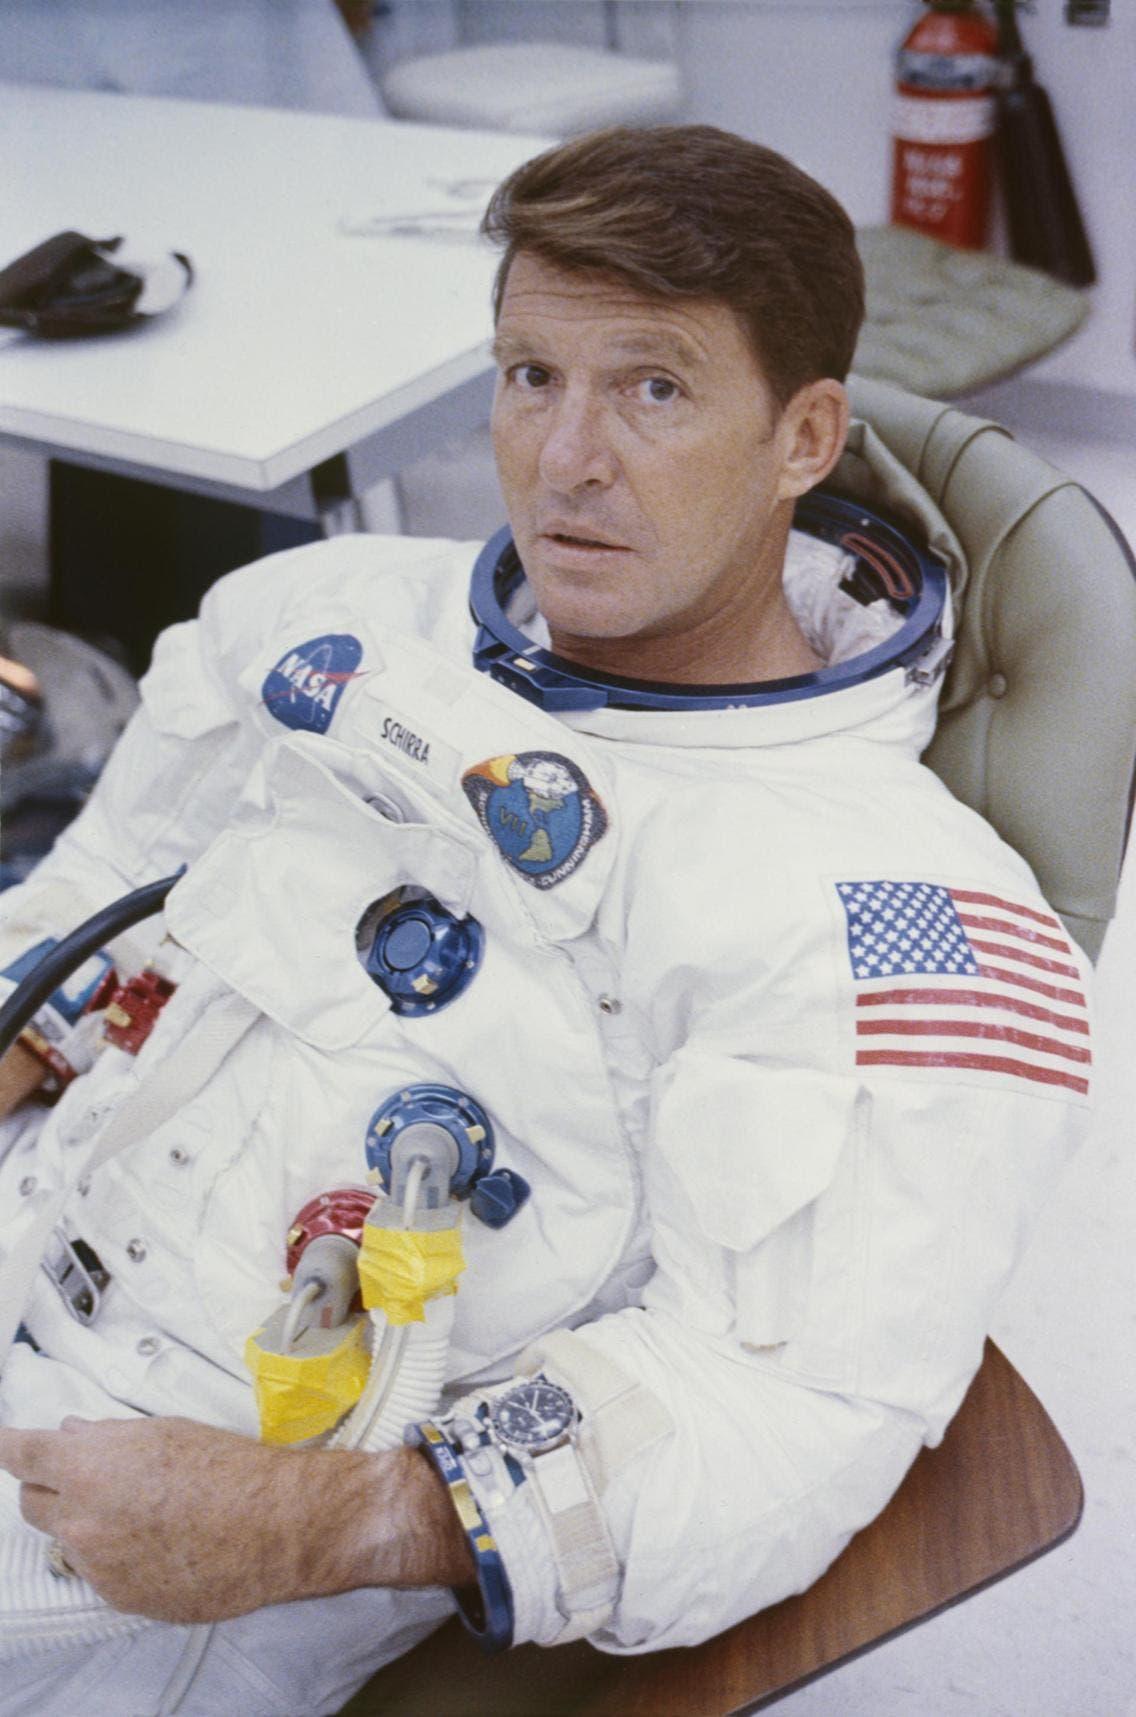 رائد الفضاء والتر شيرا أثناء التدريبات على الرحلات الفضائية في1968 بمركز كينيدي للفضاء وفي يده ساعة أوميغا سبيدماستر